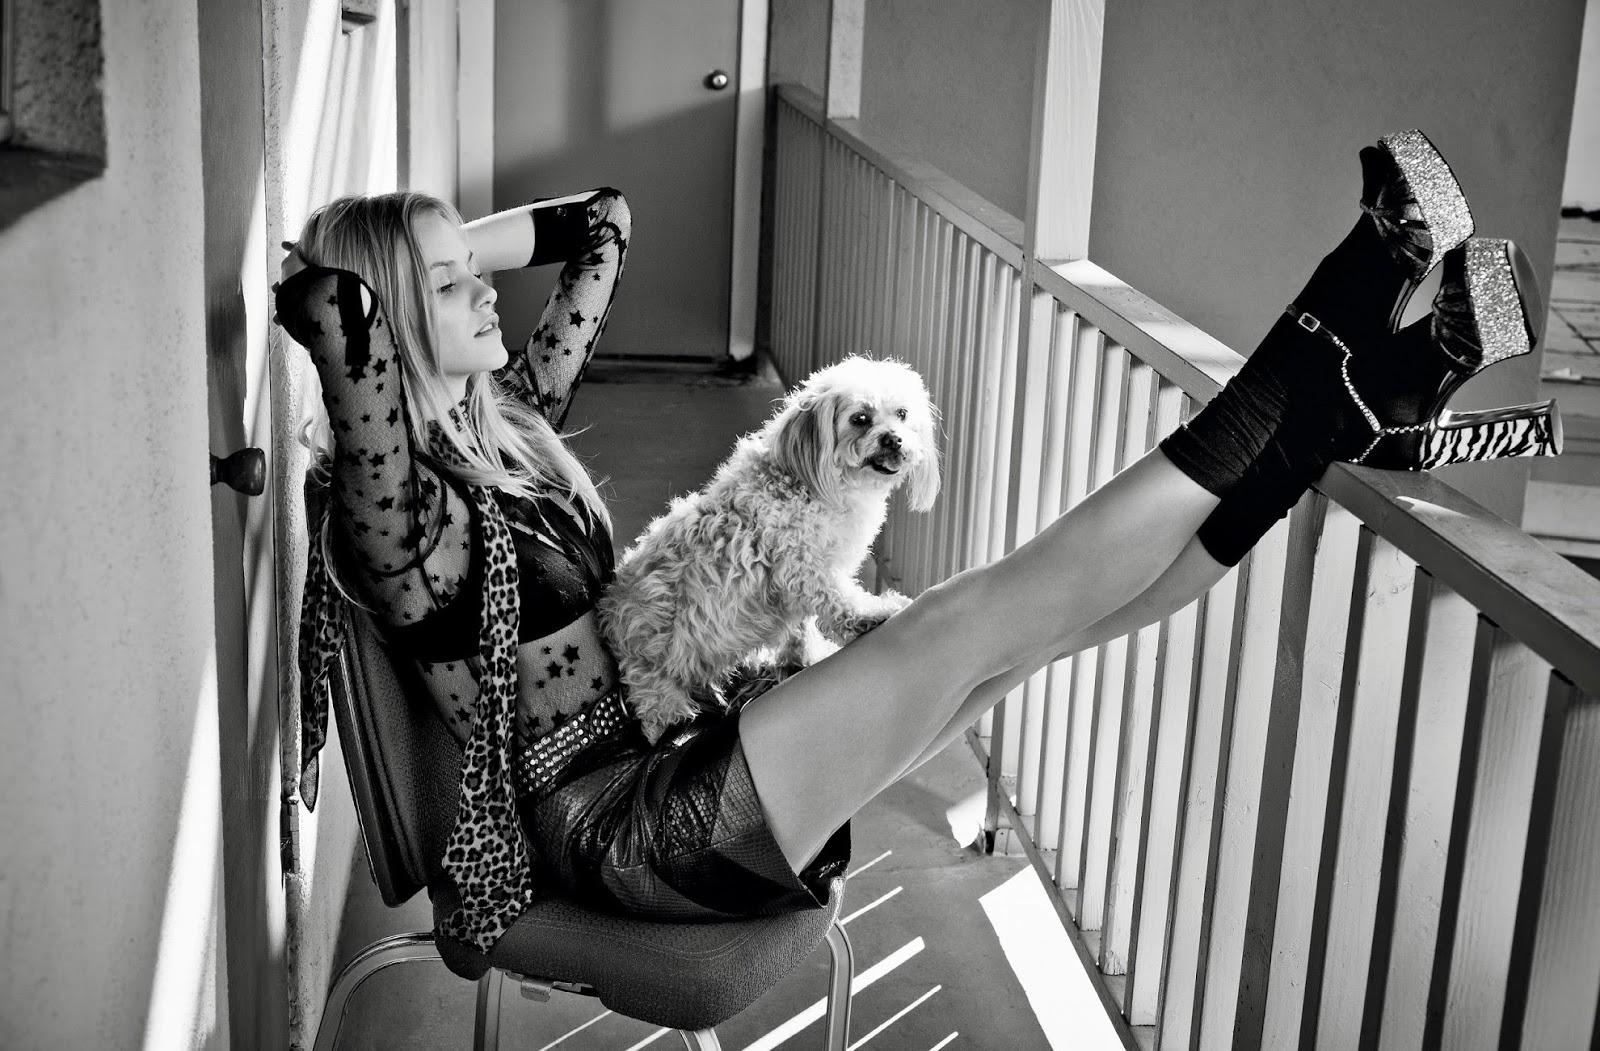 топ, юбка, пояс, шарф, босоножки, Saint Laurent par Hedi Slimane; бюстгальтер, Intimissimi; гольфы, Dim